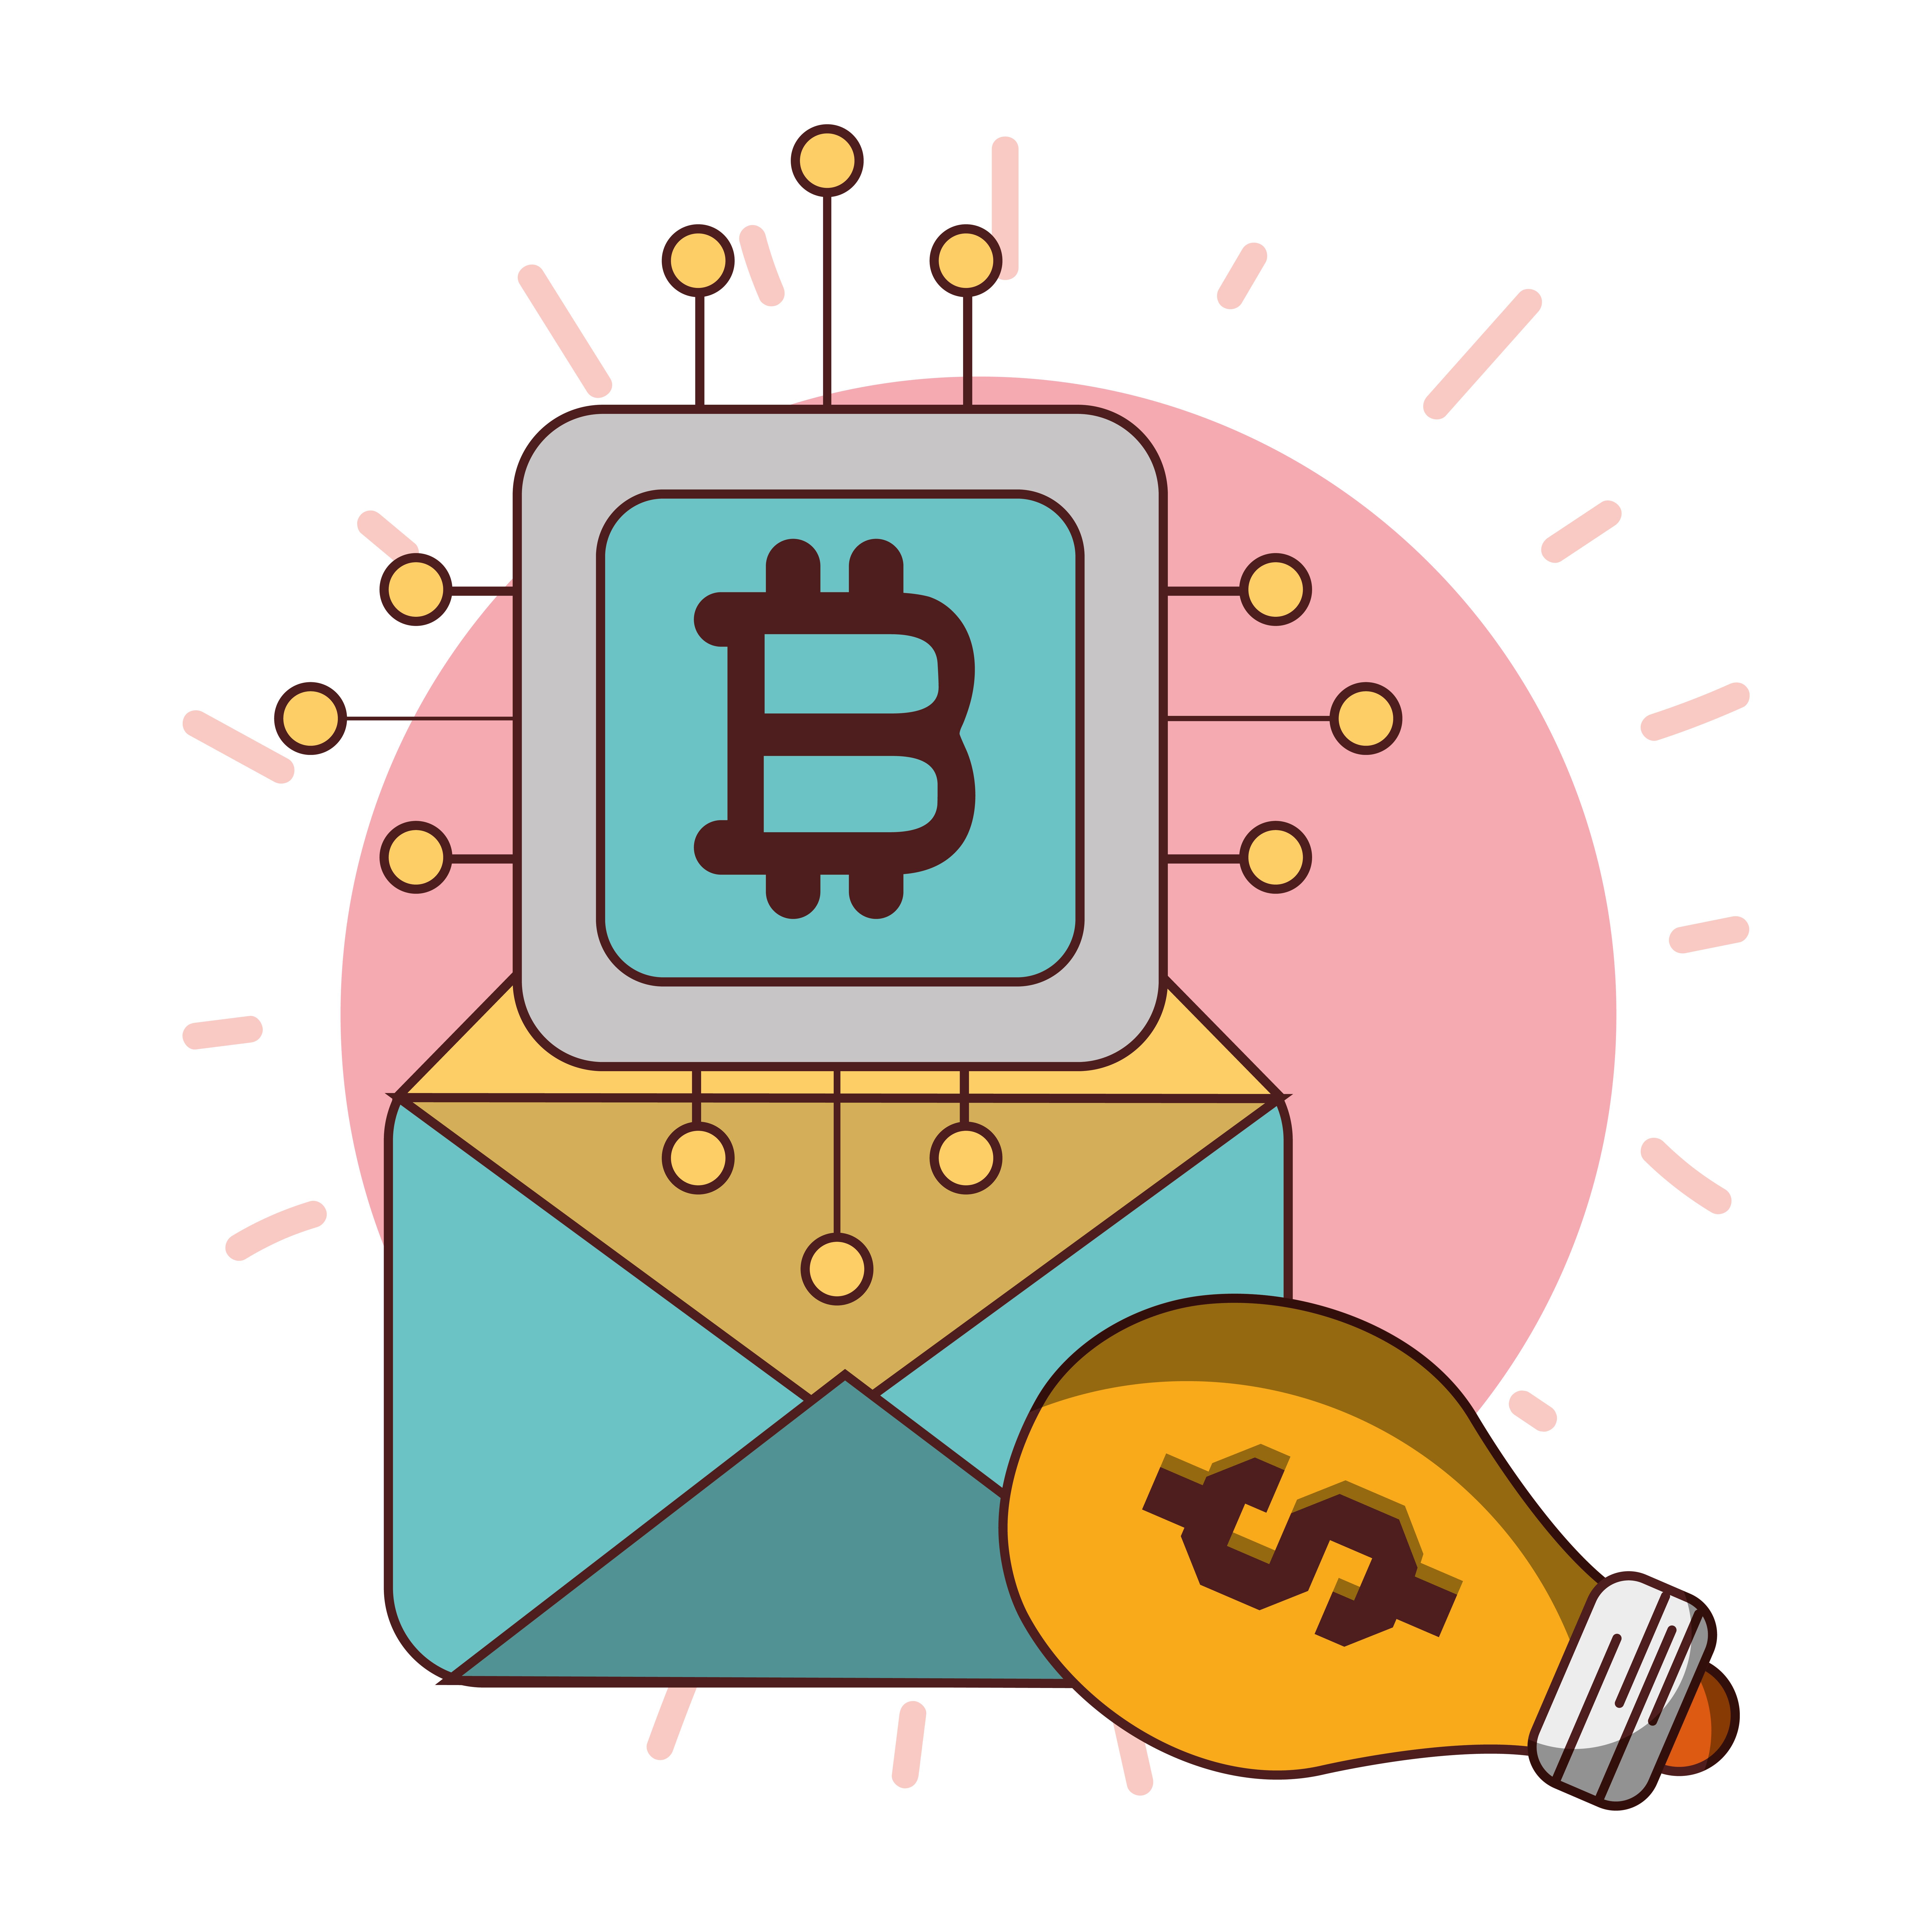 žingsniai pradėti bitcoin prekybą